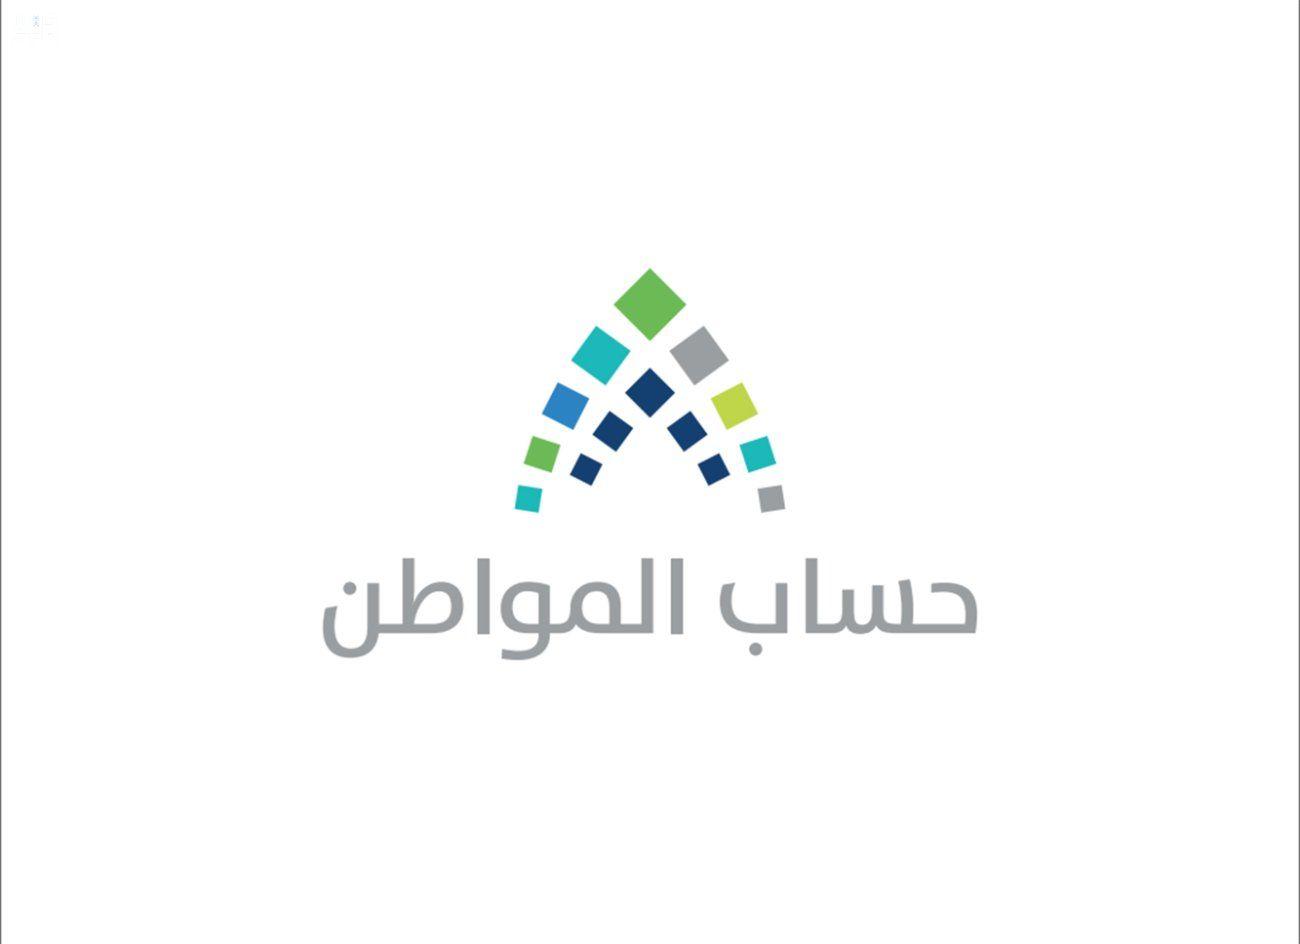 صحيفة وطني الحبيب الإلكترونية Arabic Calligraphy